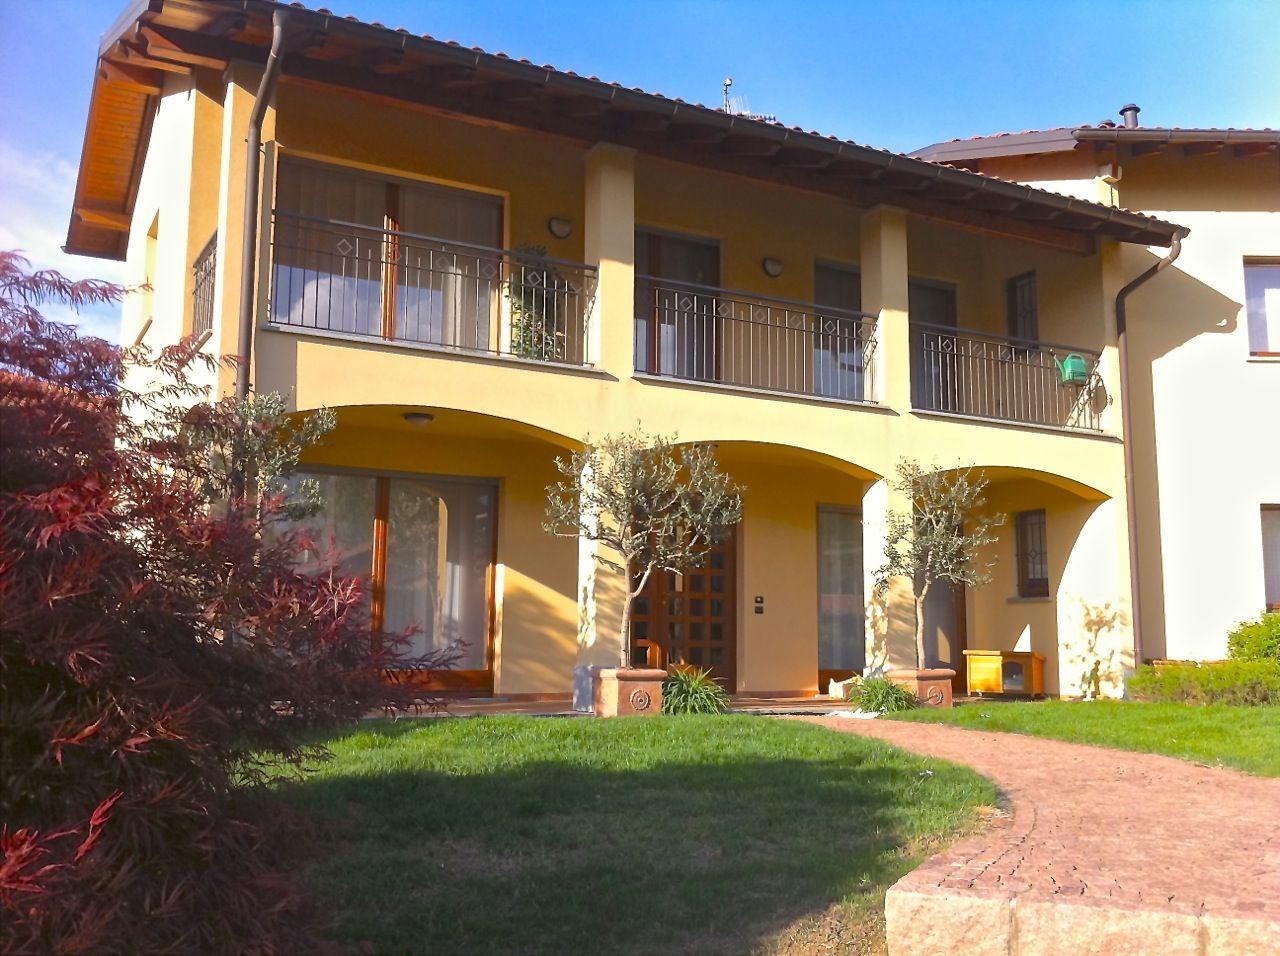 Proprietà a insidie Lombardia Immobili in Spagna - le insidie quando